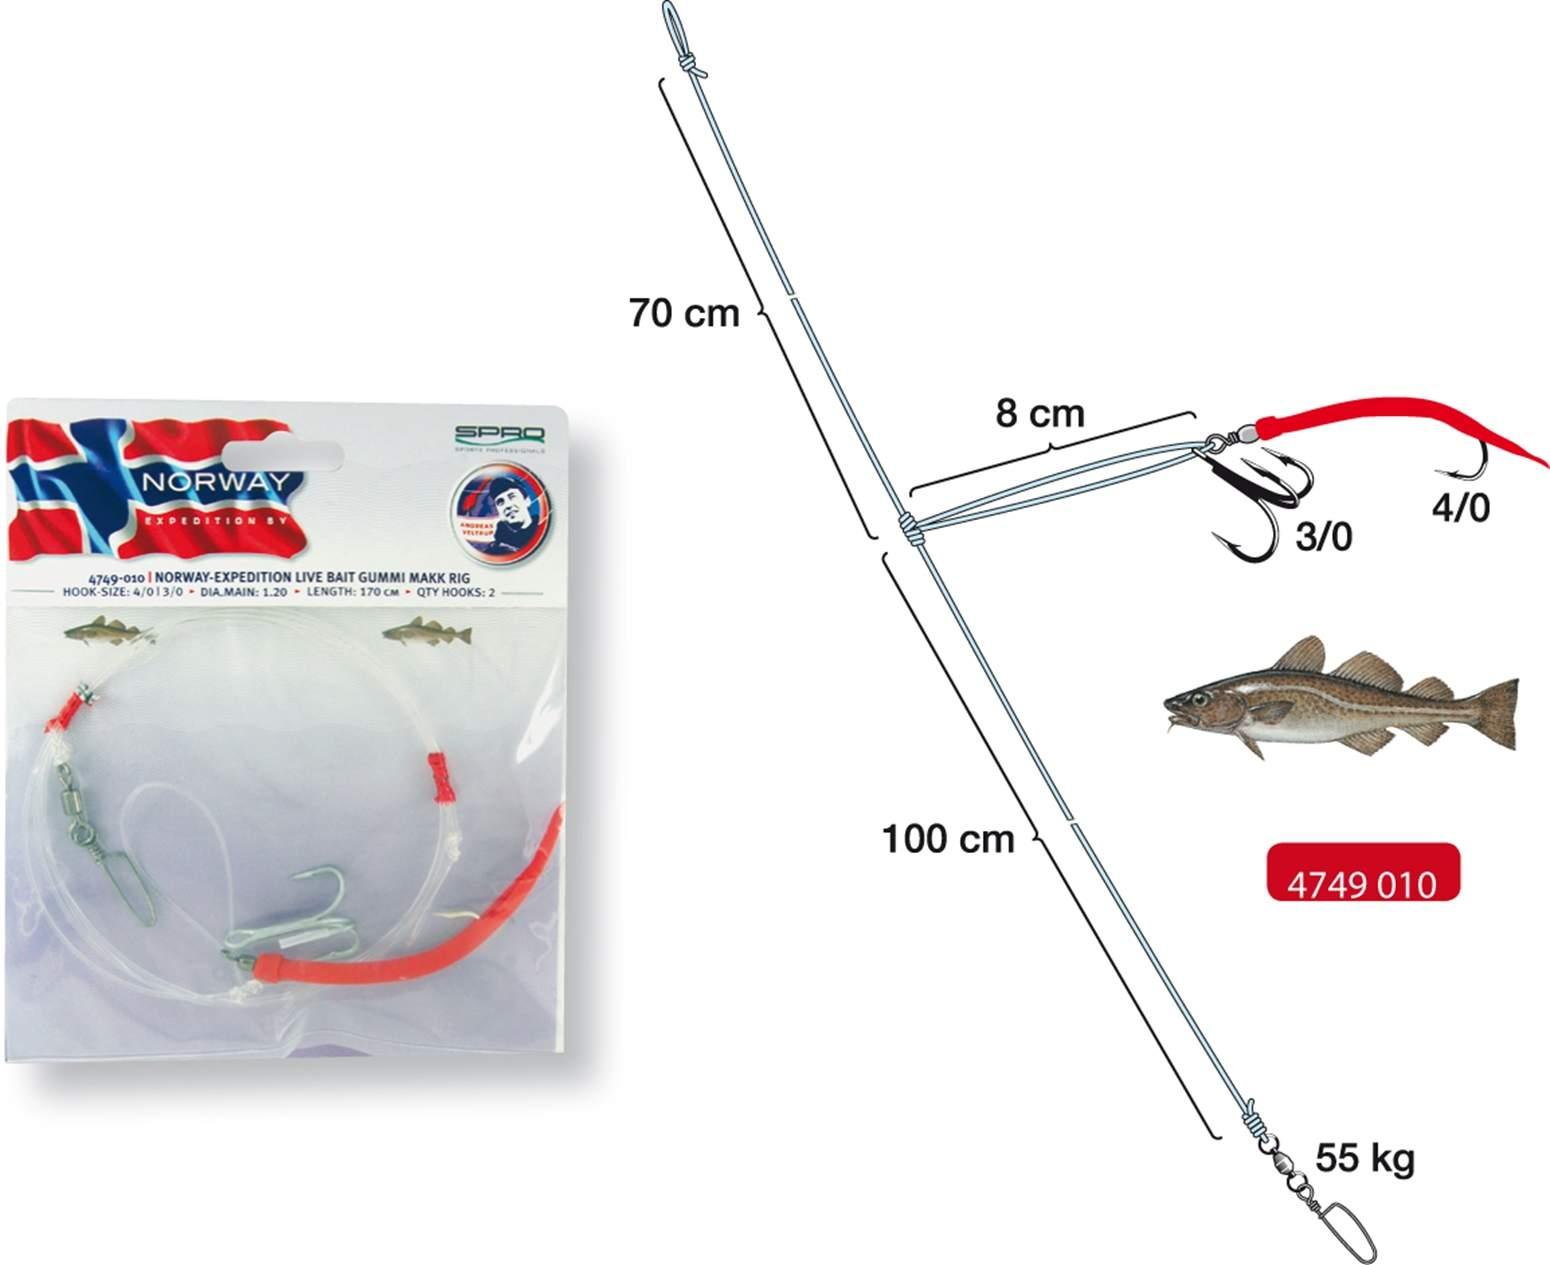 Оснастка Для Норвегии Spro Norway Exp LiveBaitRig/Gummi Makk 4/0;3/0 1mm 253.5cm